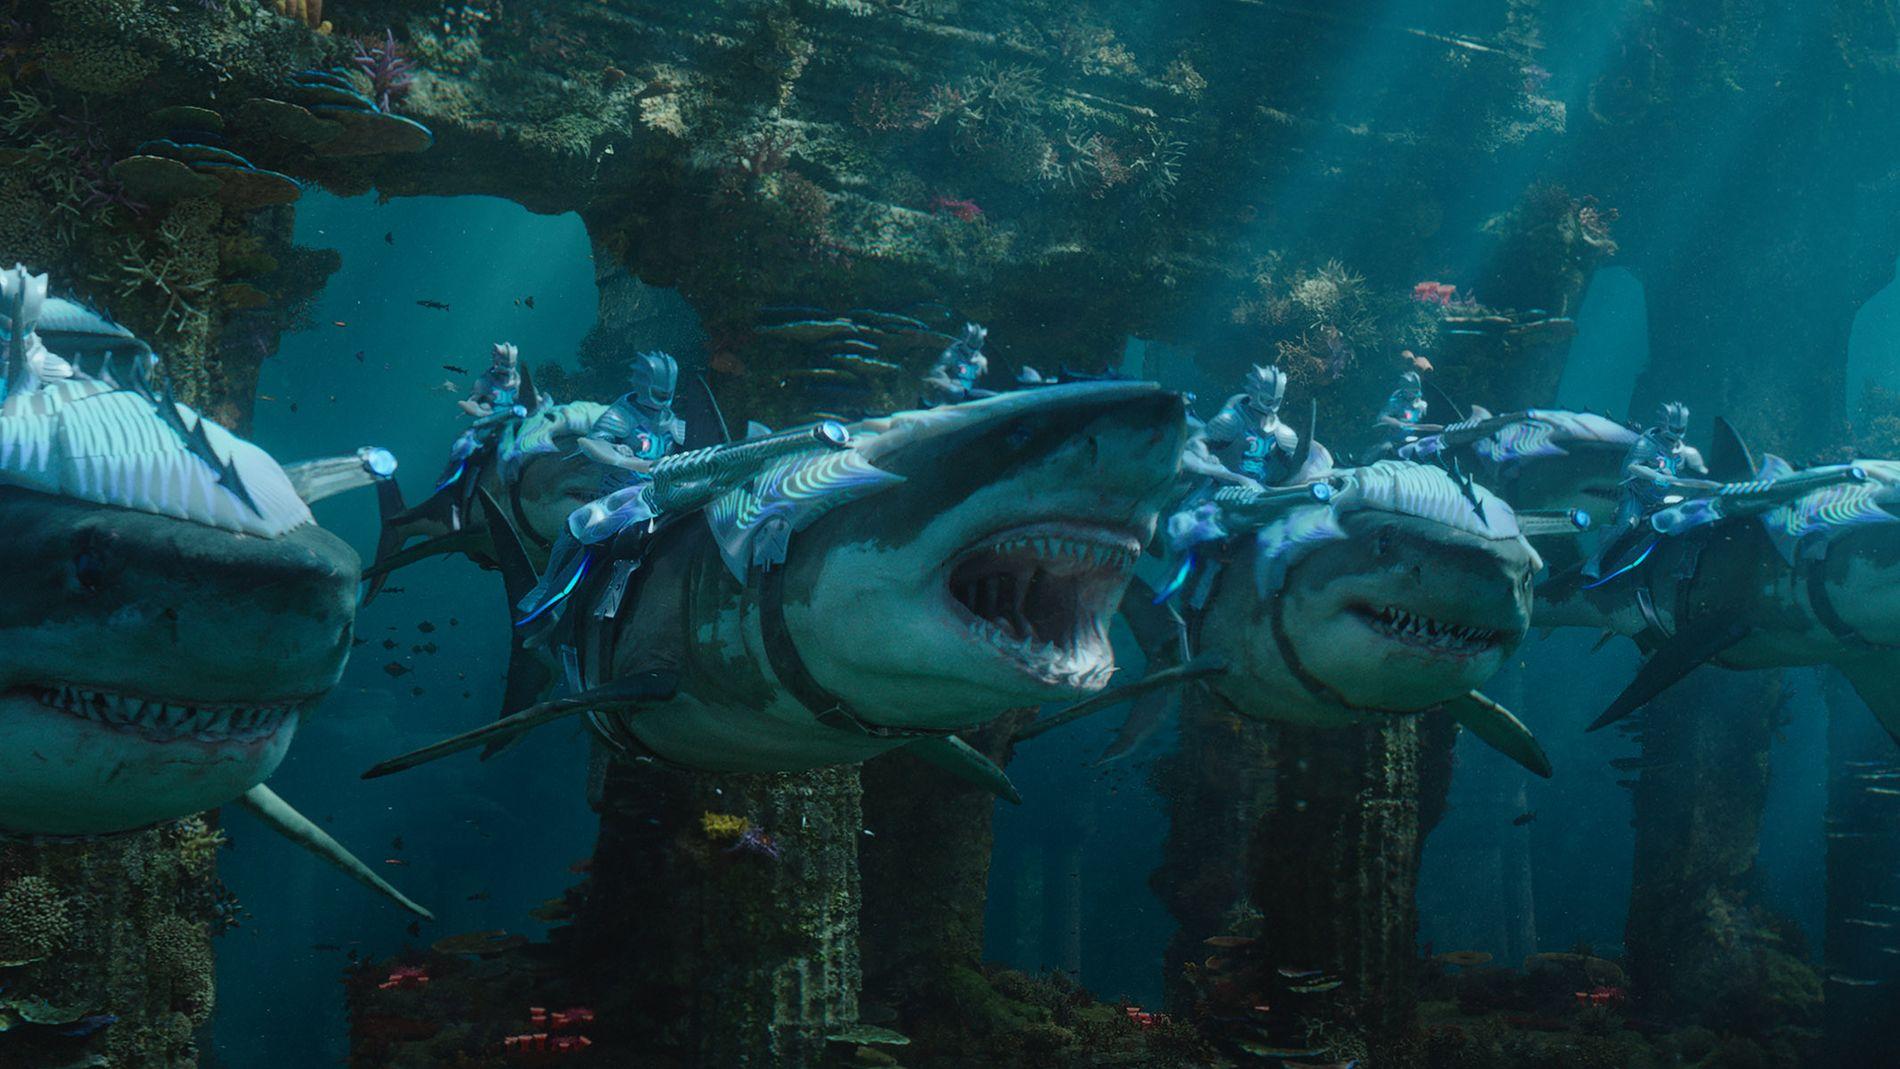 KRIG MELLOM KONGER: I «Aquaman» presenteres en rekke undersjøiske kongeriker på elegant vis.